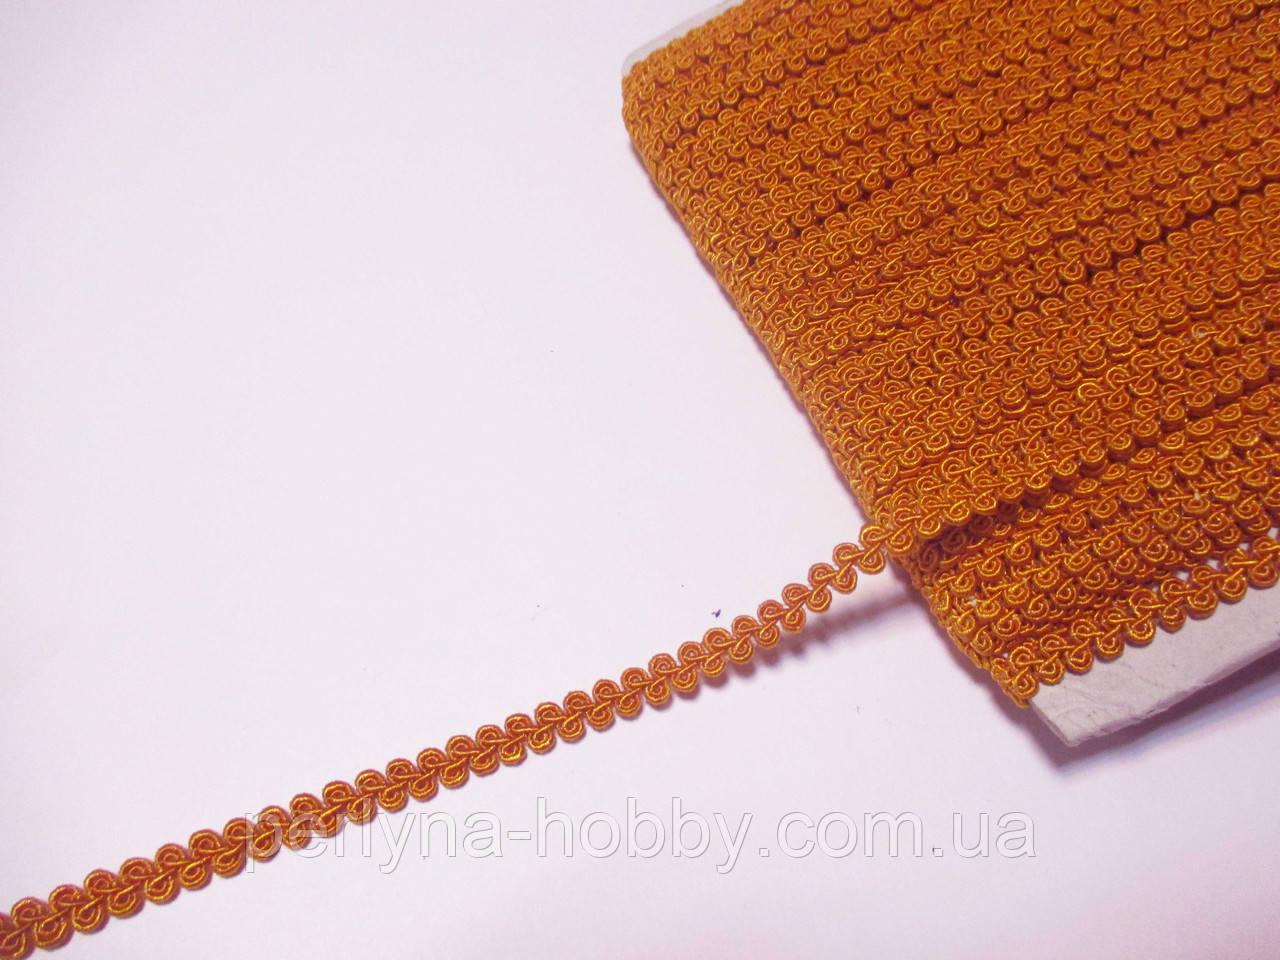 Тасьма  декоративна шанель вузька 6мм, рудий колір